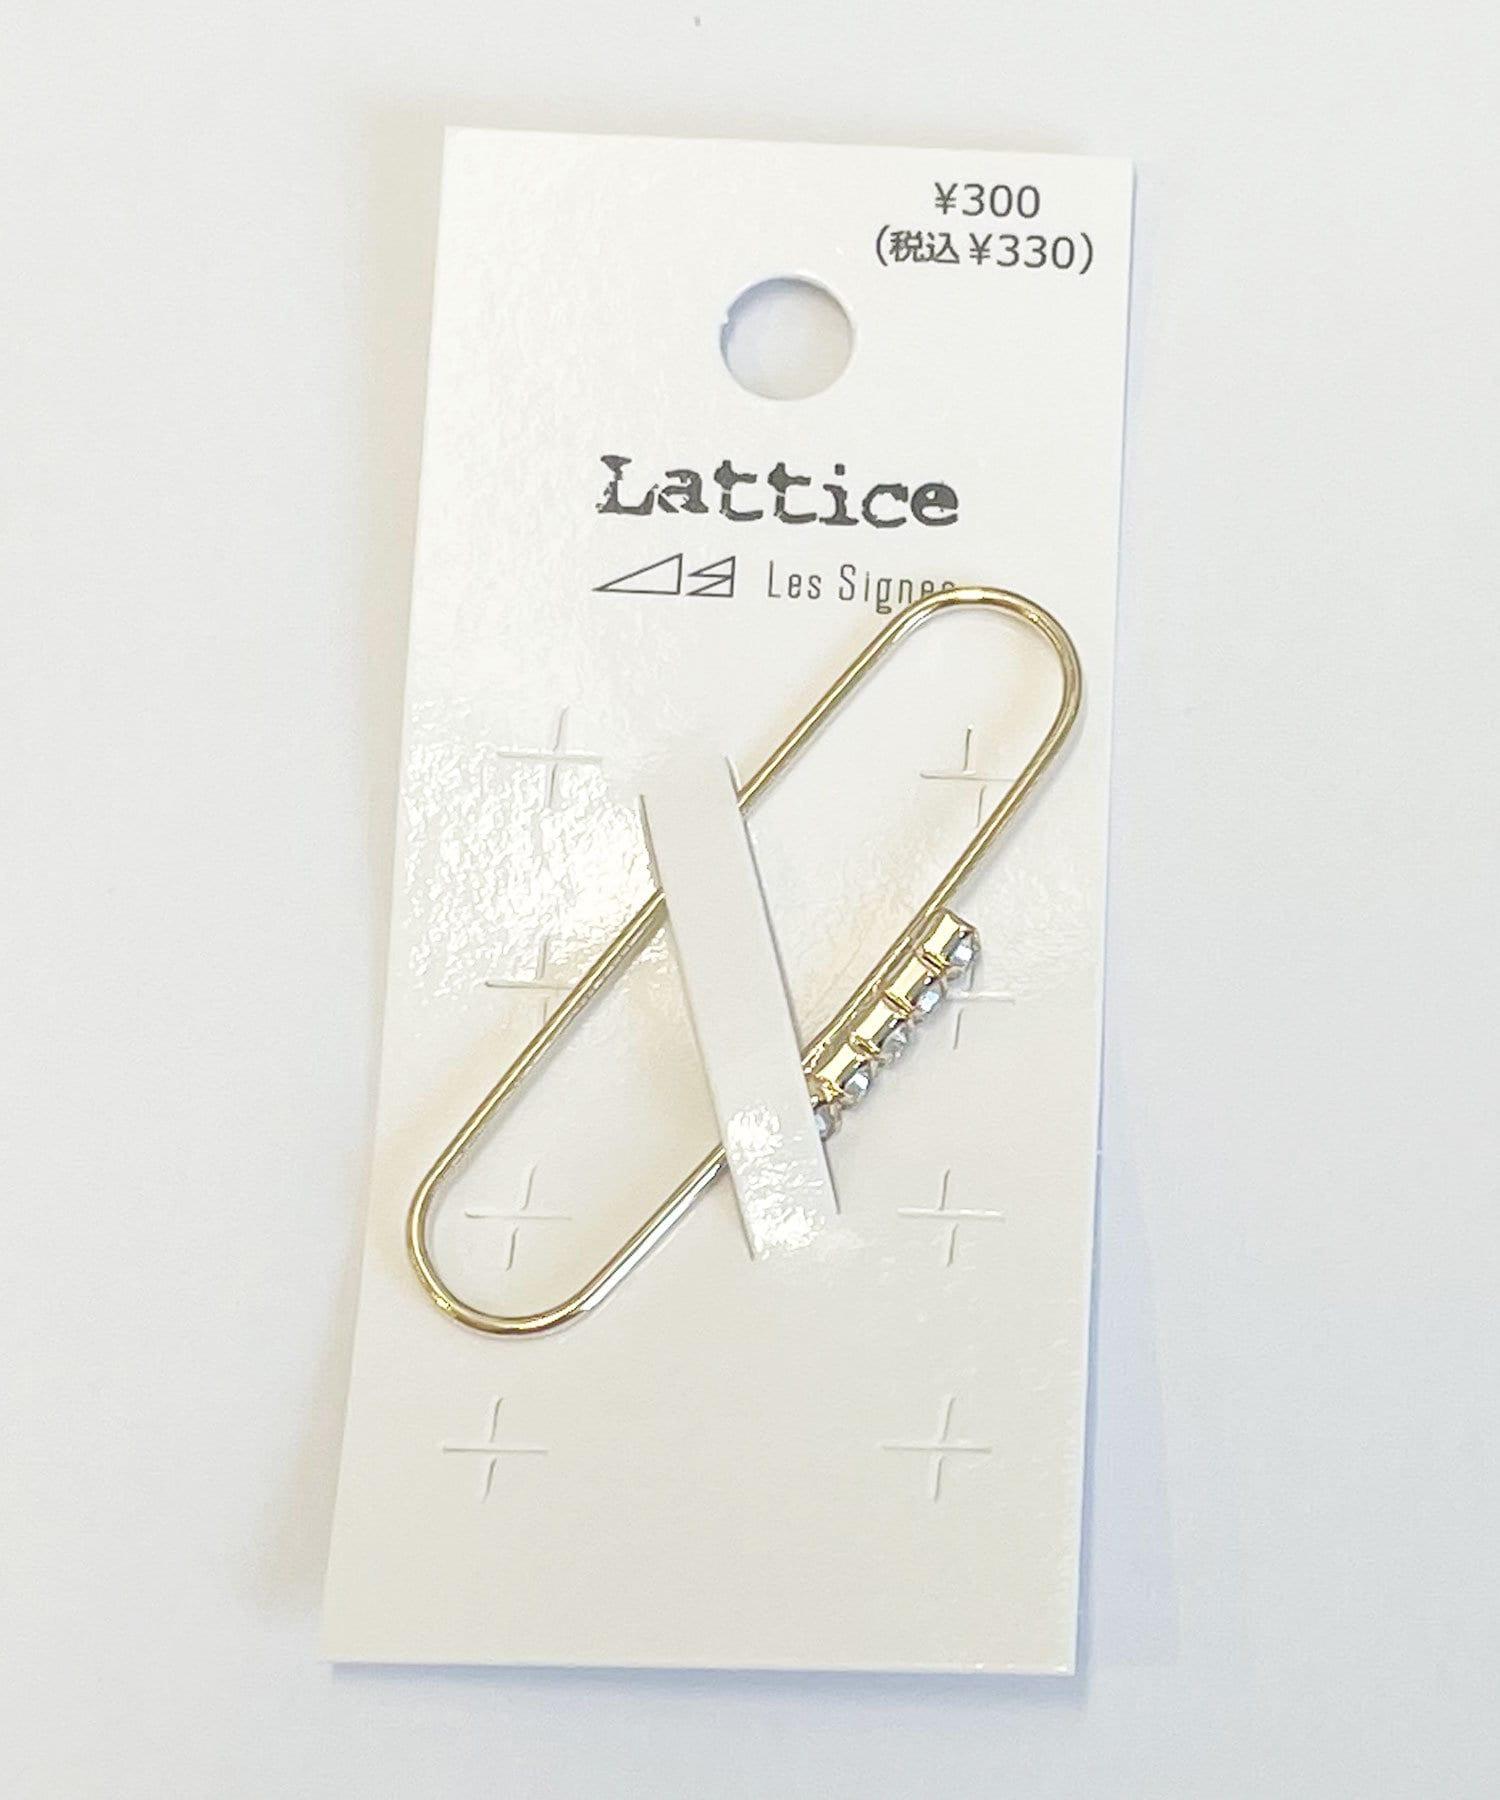 Lattice(ラティス) ストーンラインカバーイヤカフ